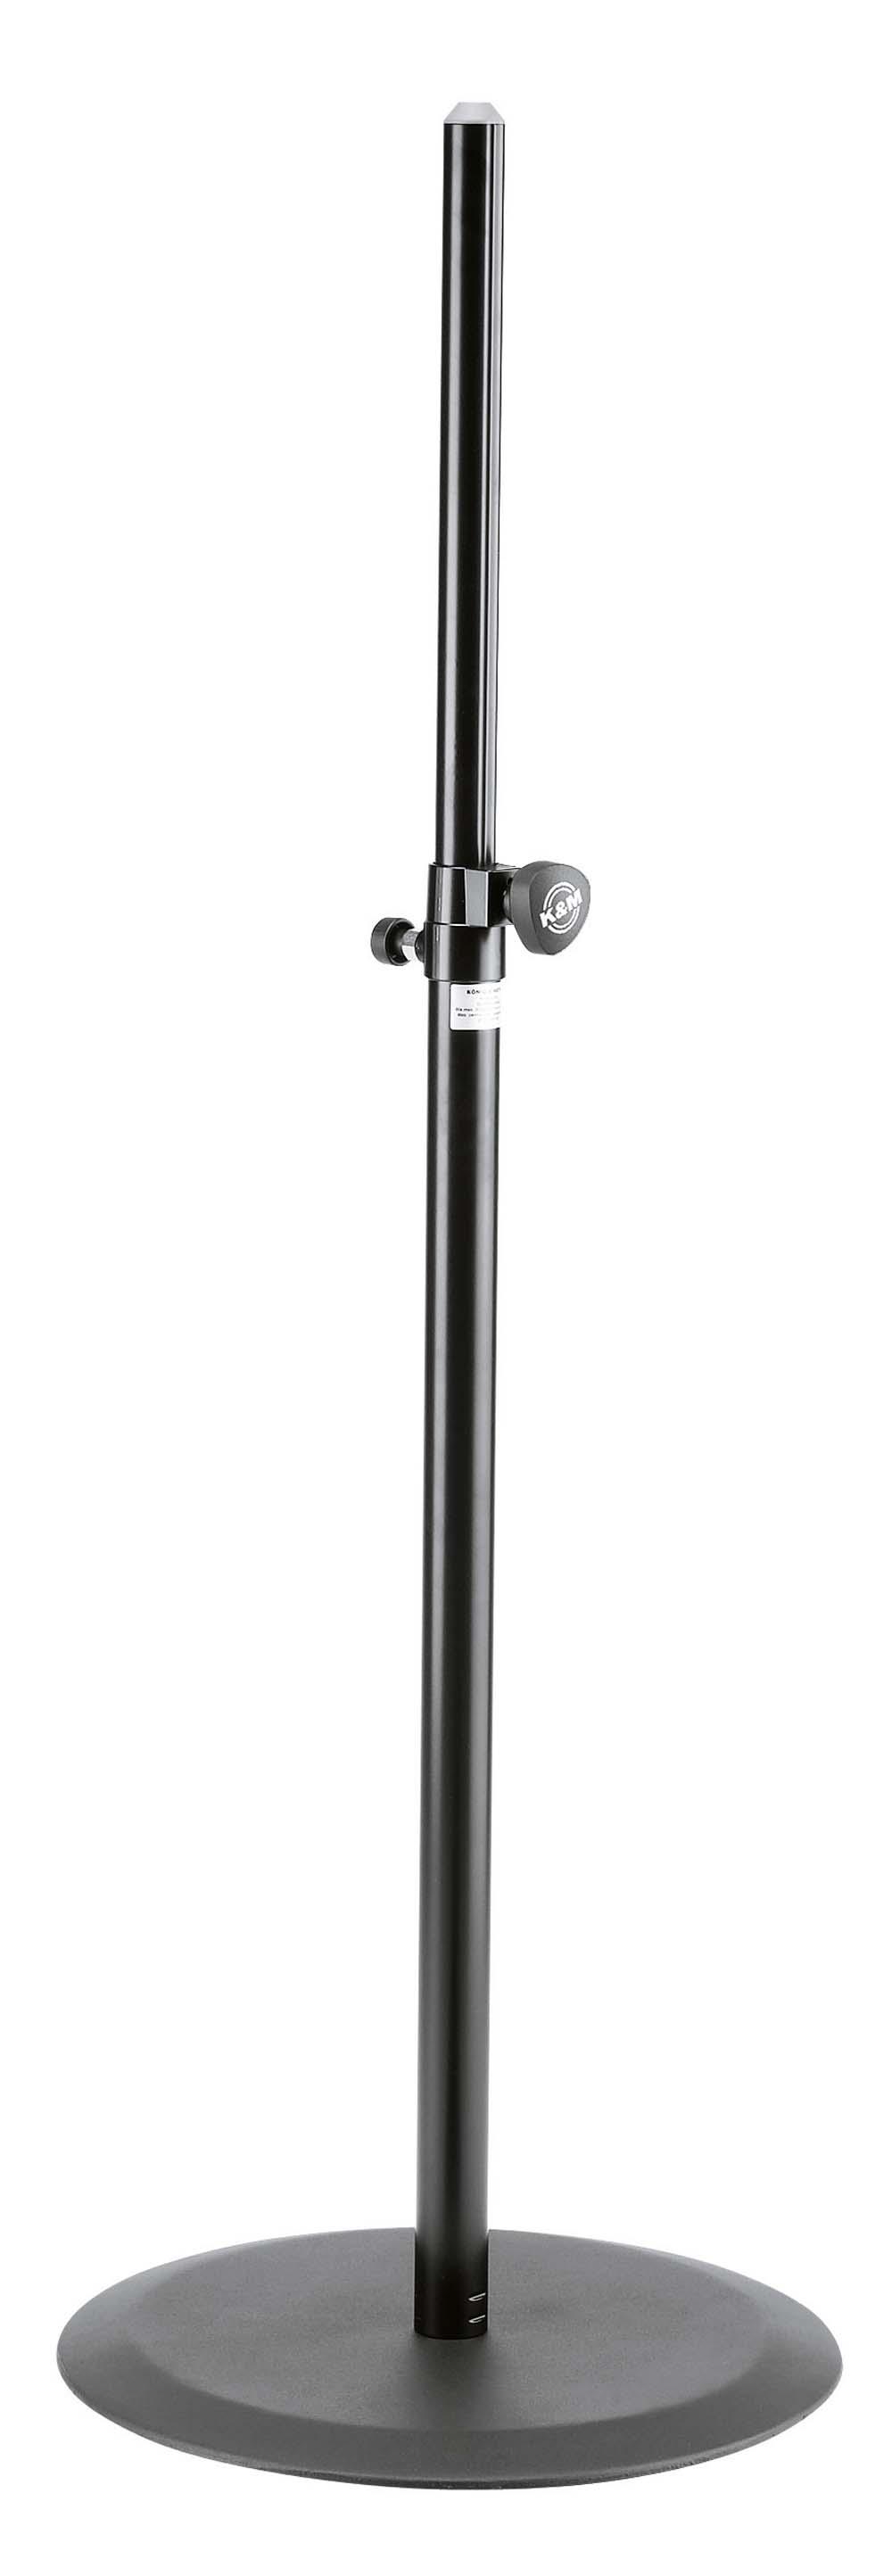 KM 26735 Speaker Stand